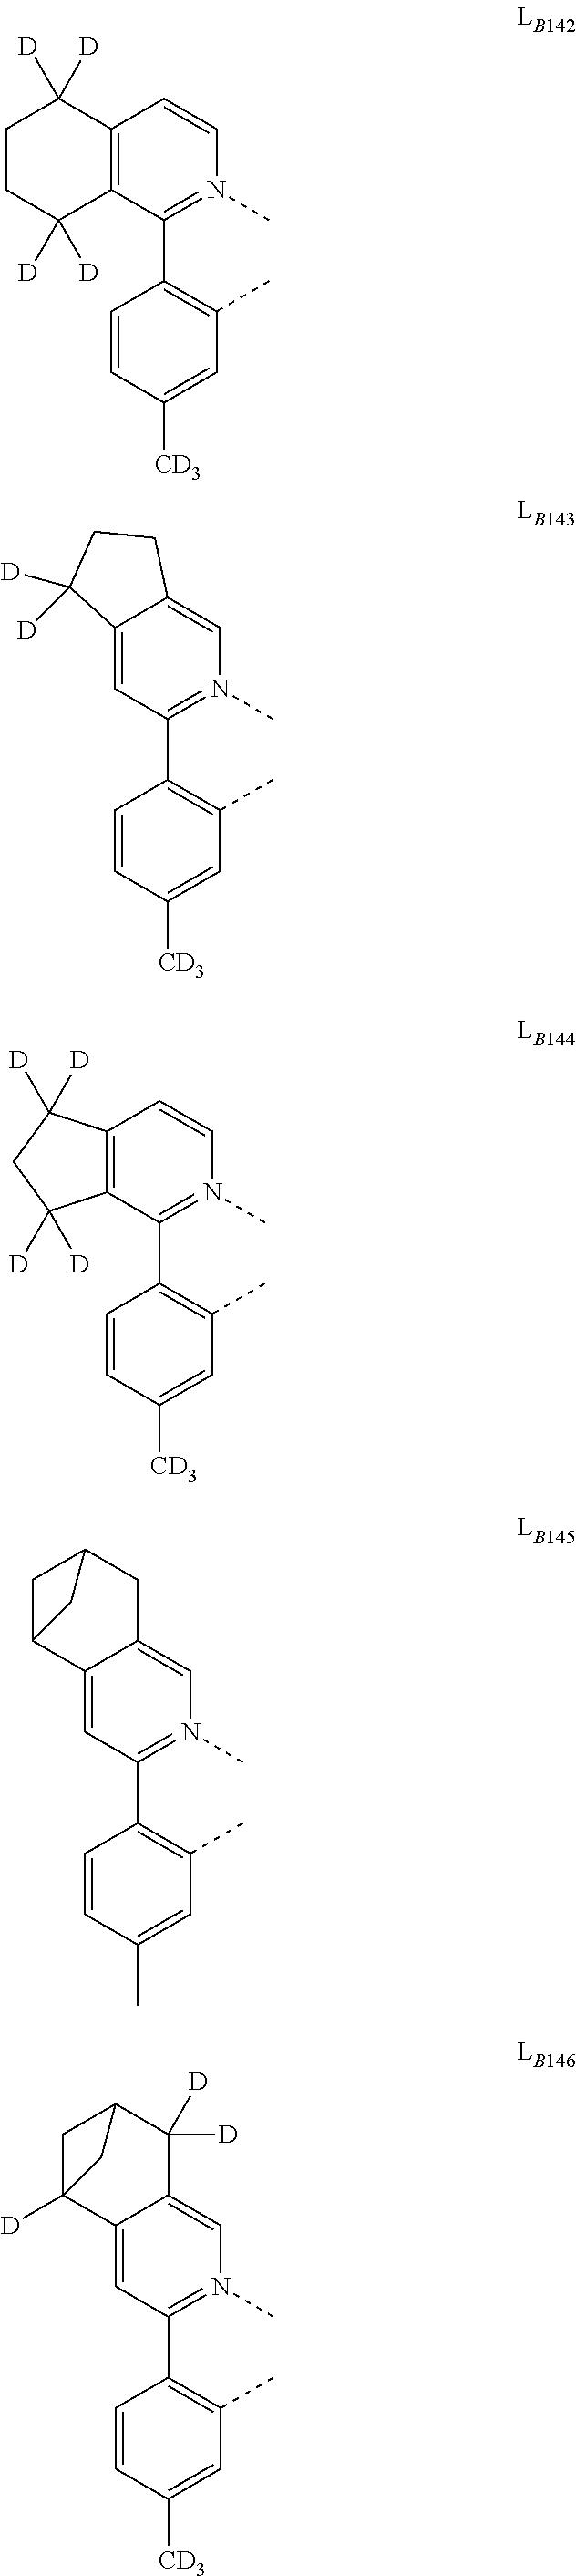 Figure US09929360-20180327-C00245